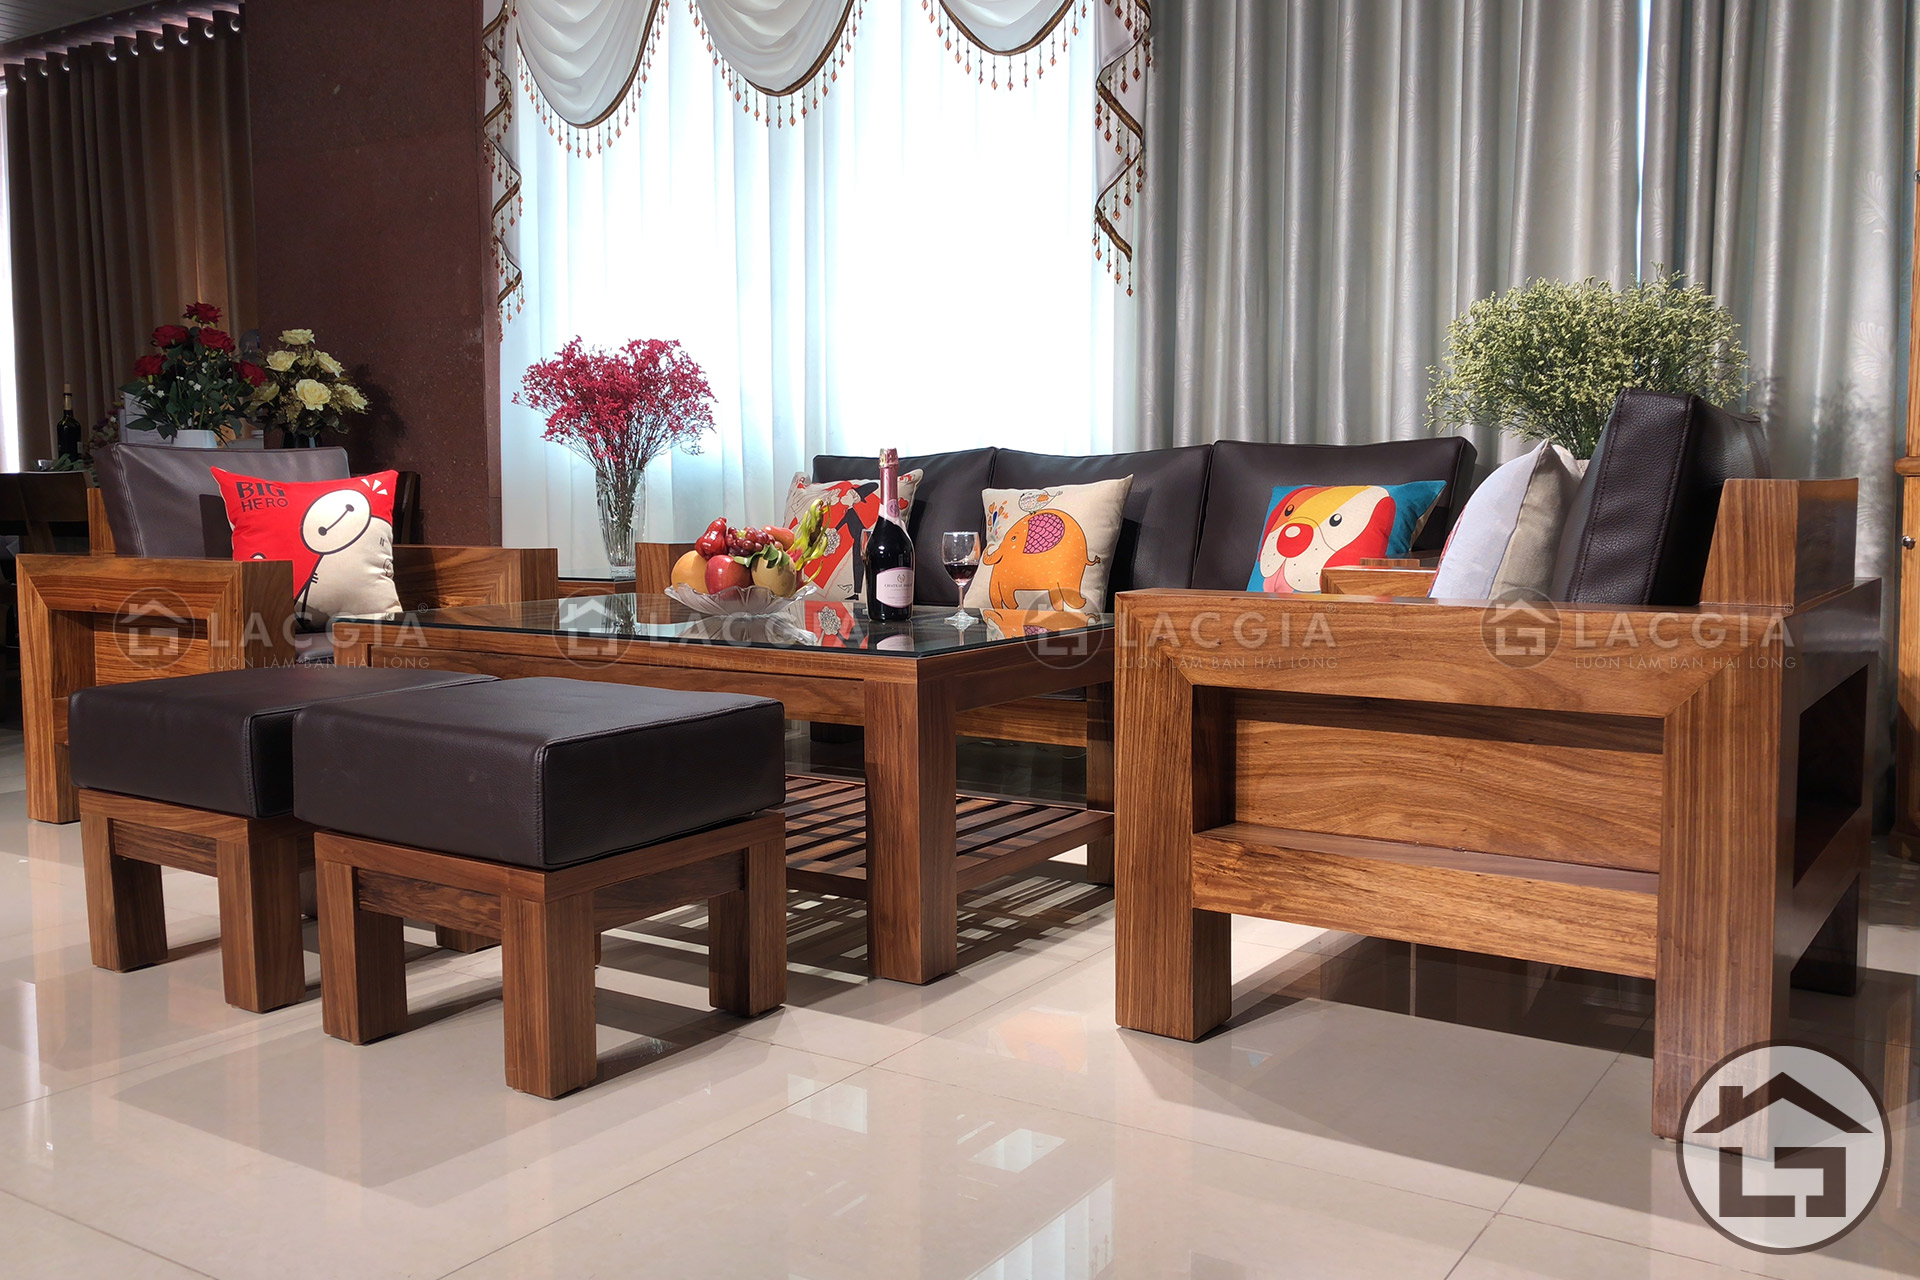 Bộ bàn ghế gỗ cho phòng khách chung cư, biệt thự sang trọng